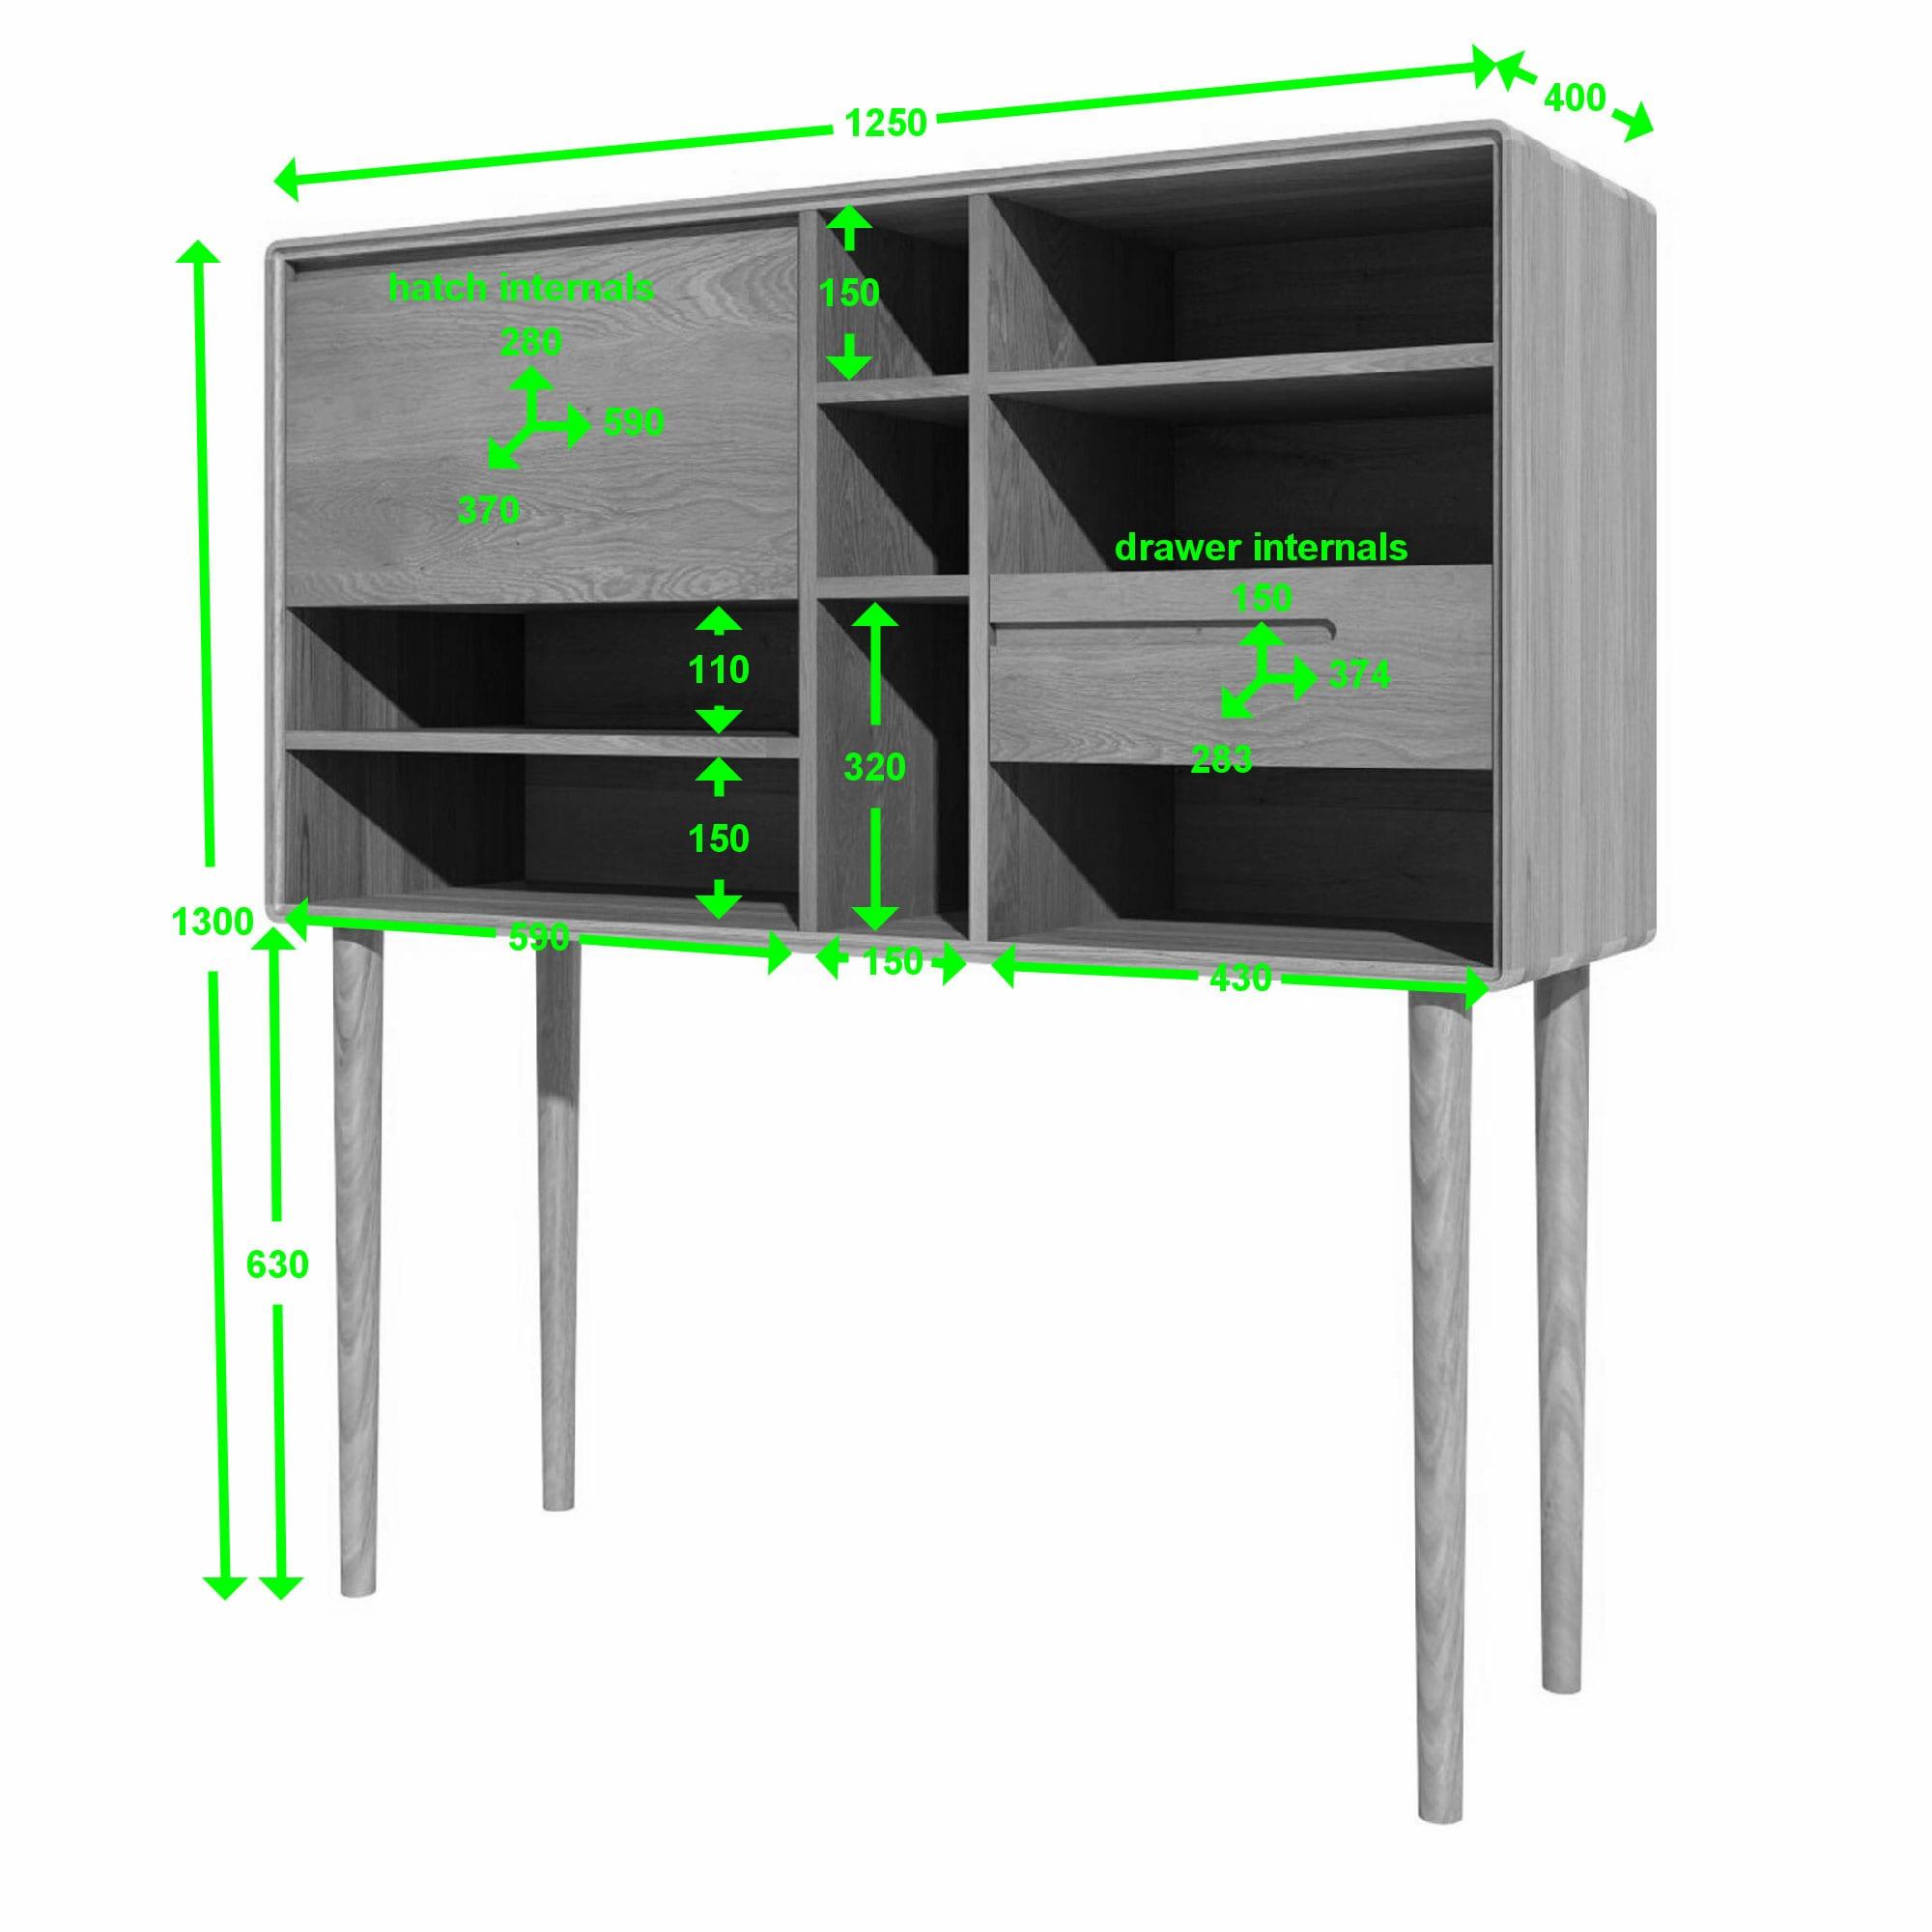 SCAWC wide cabinet measures